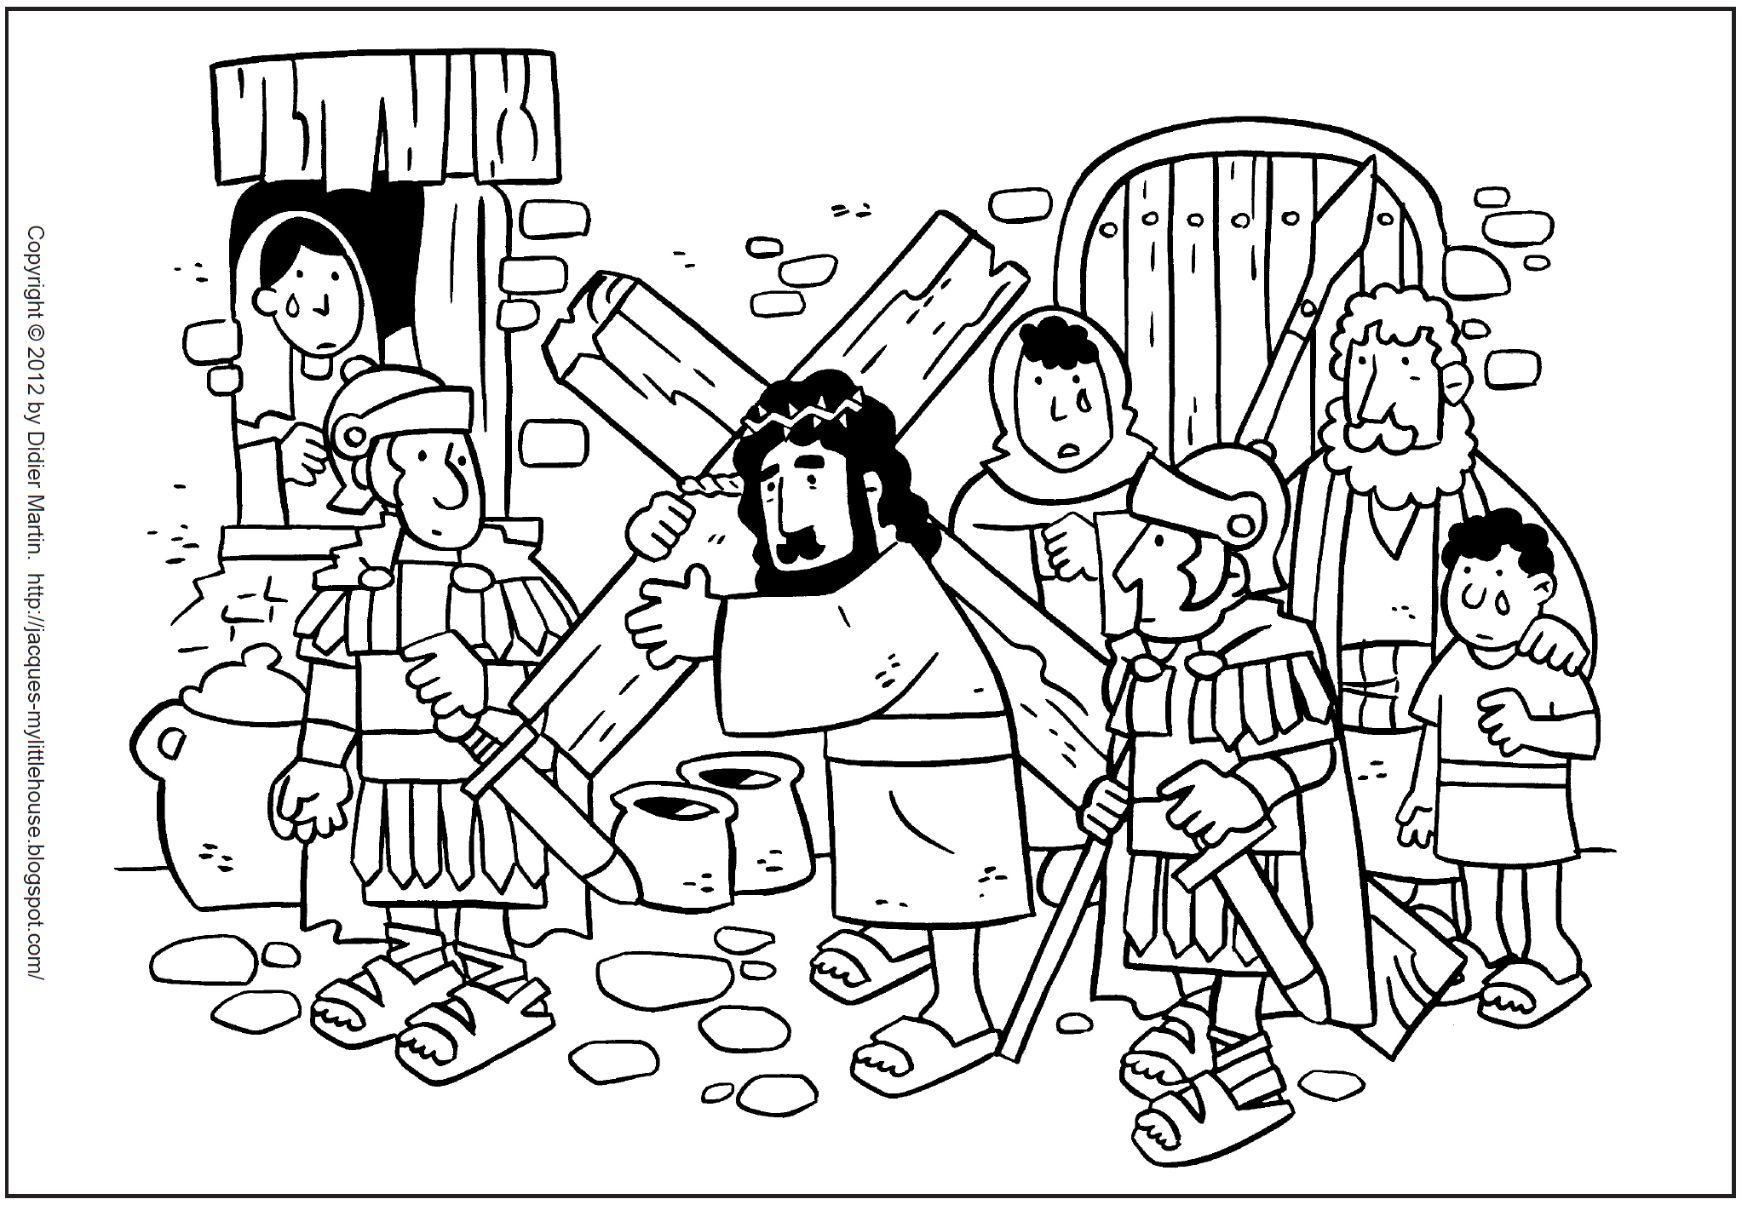 Aproveite e leve informação a criança, que por meio da brincadeira vai associar com mais facilidade (Foto: Reprodução/Sementinha Kids)